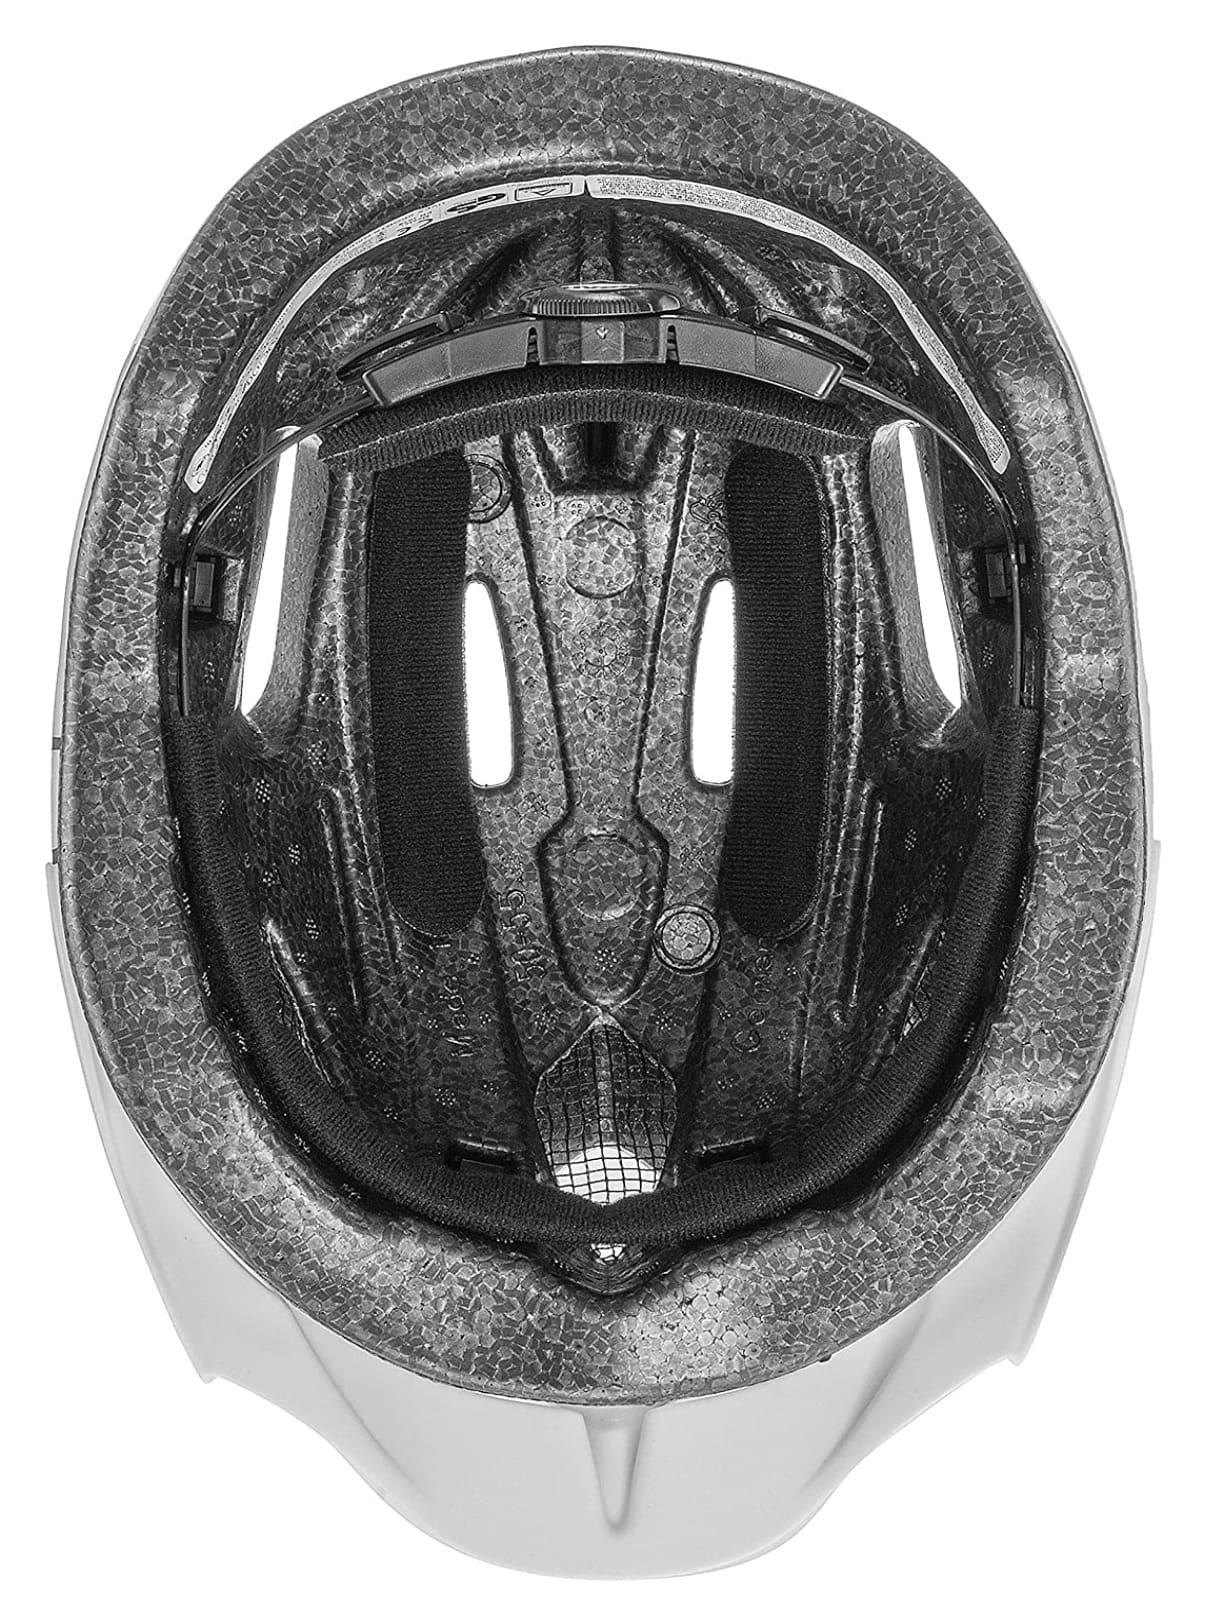 Interior con almohadillas del casco para niños Uvex Quatro